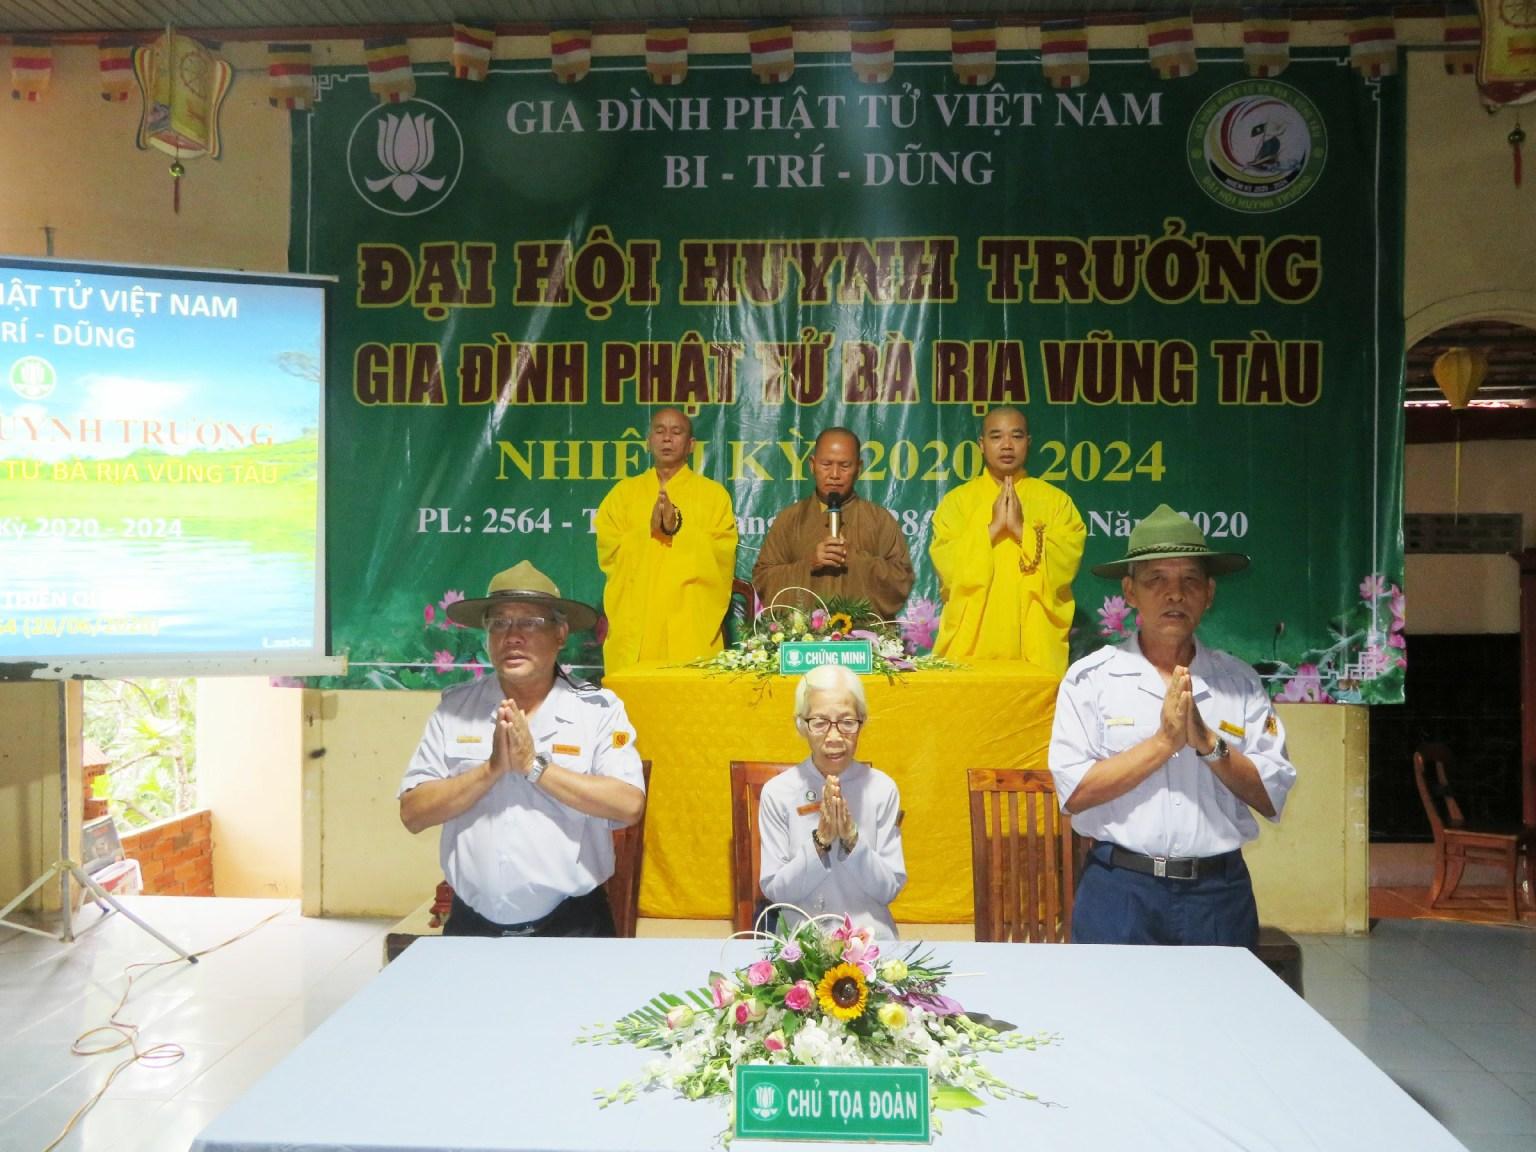 GĐPT Bà Rịa Vũng Tàu tổ chức Đại hội Huynh trưởng Nhiệm kỳ 2020-2024